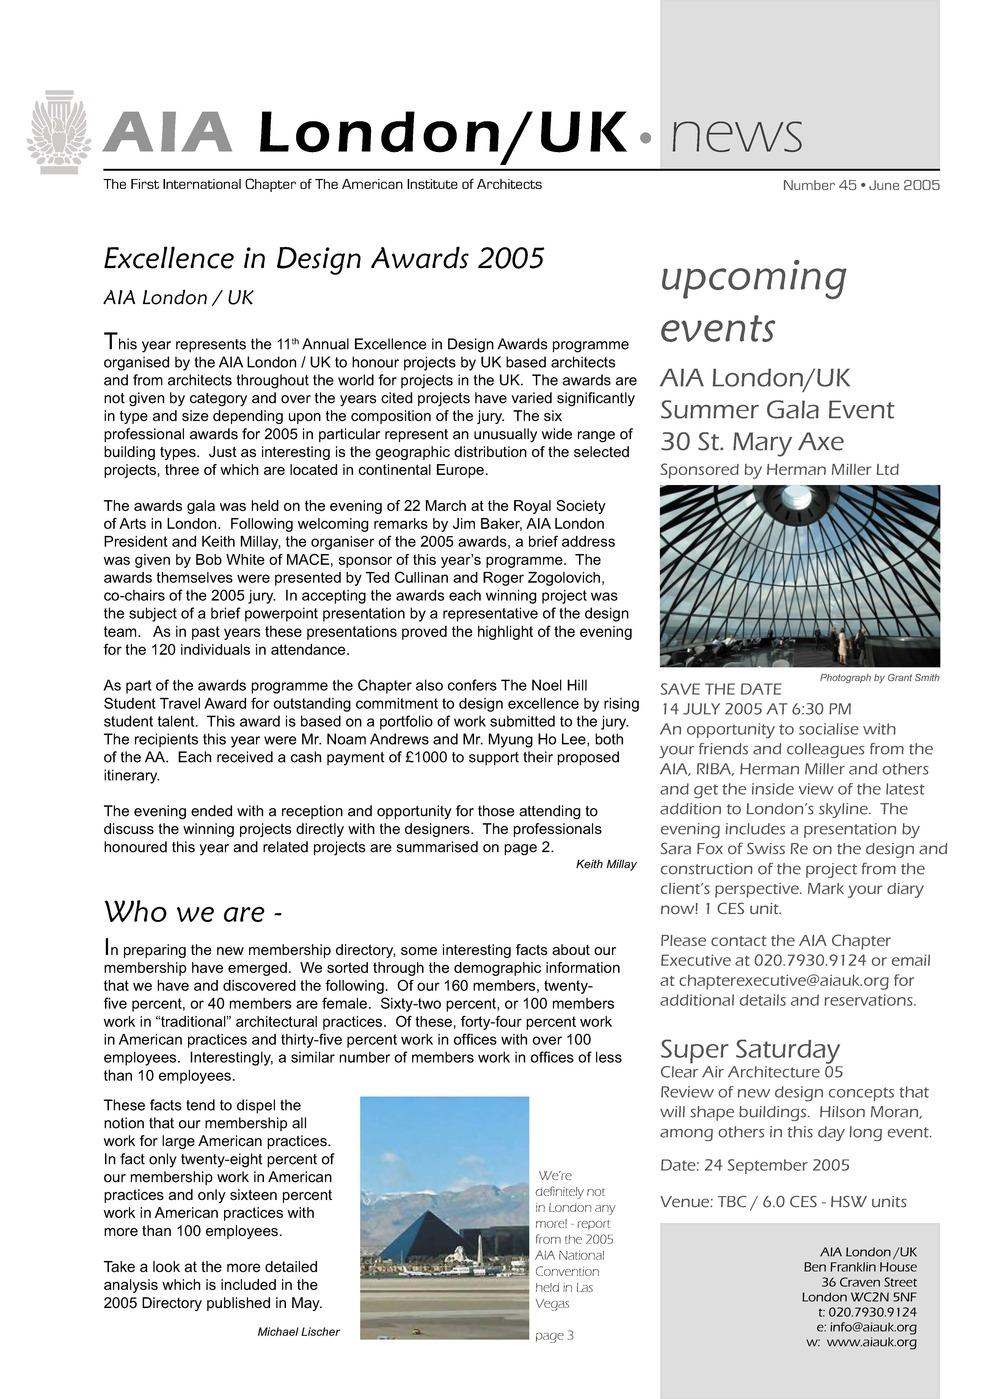 45 - June 2005_Page_1.jpg